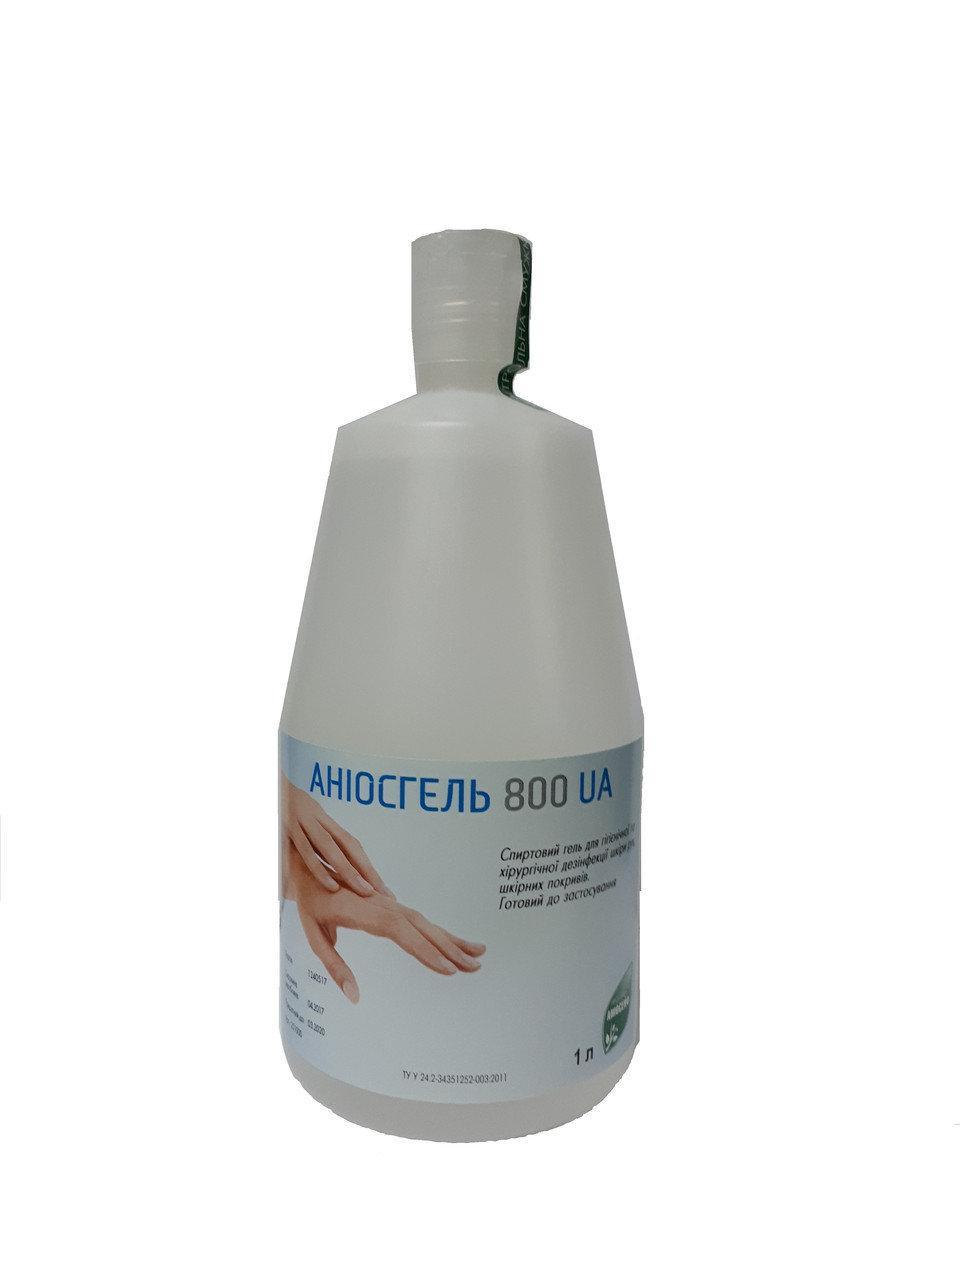 Средство для дезинфекции рук Аниосгель 85 НПК UA флакон аерлесс 1 л (без дозатора)